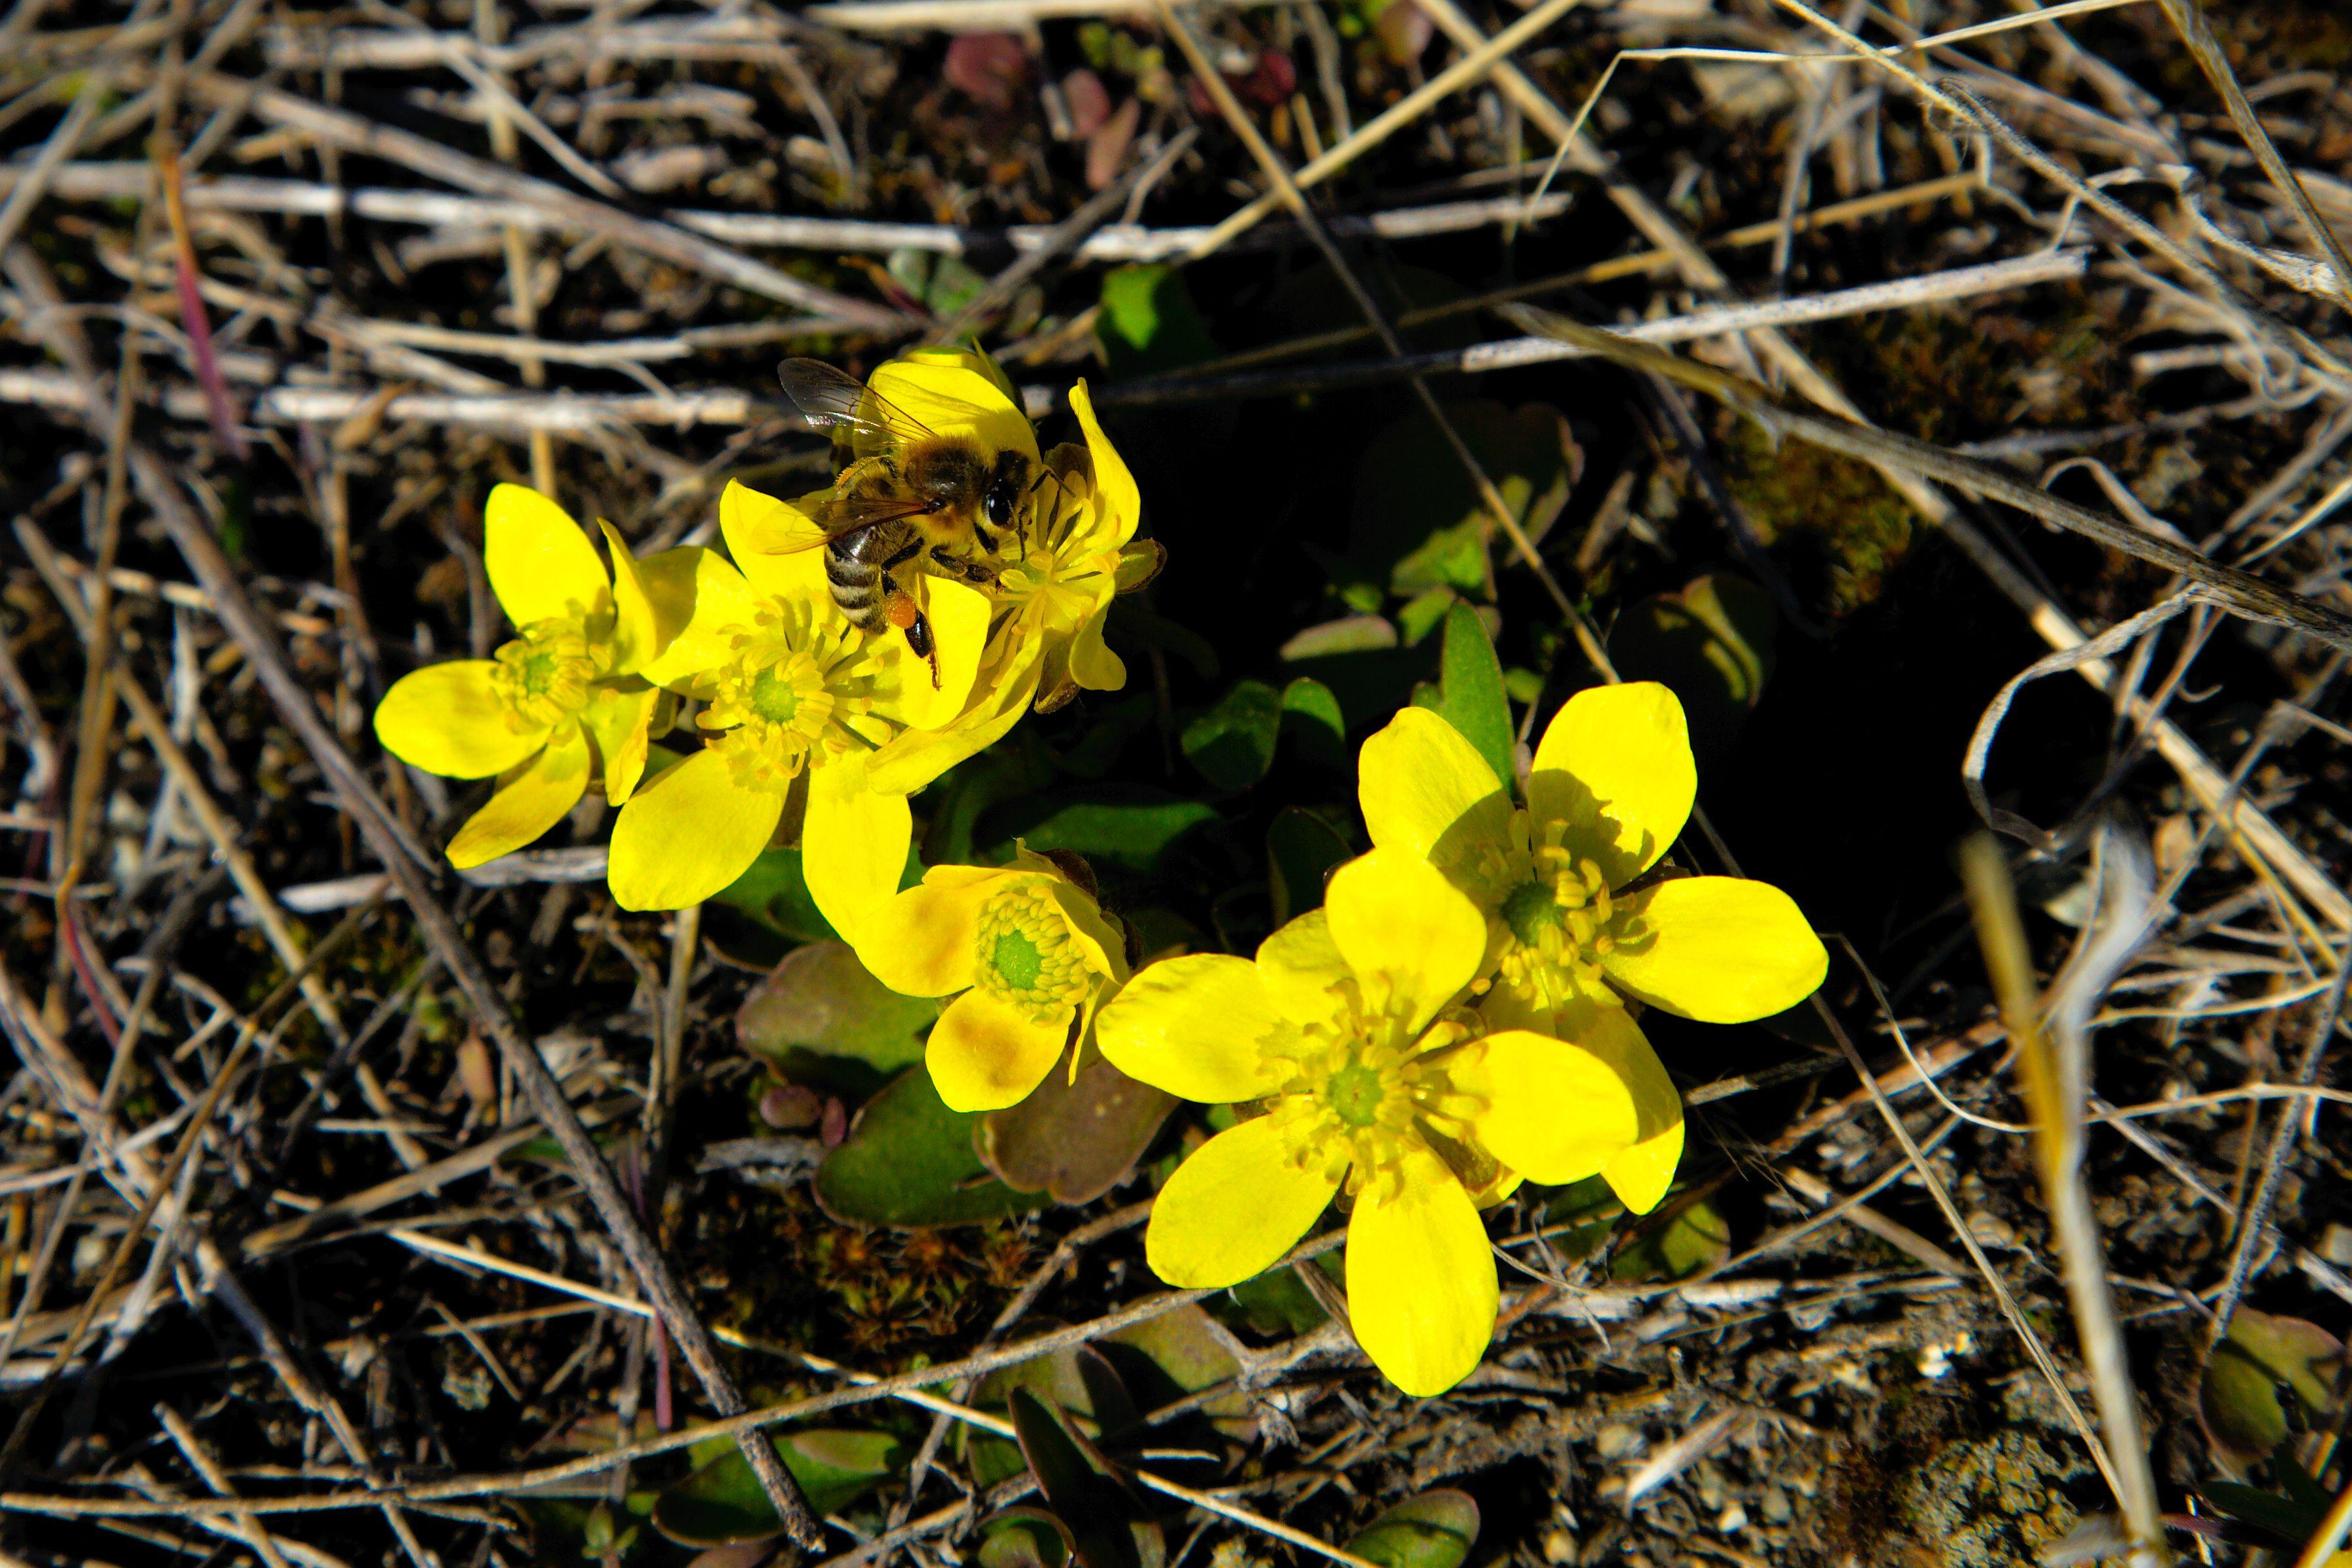 Sagebrush buttercup (Ranunculus glaberrimus)